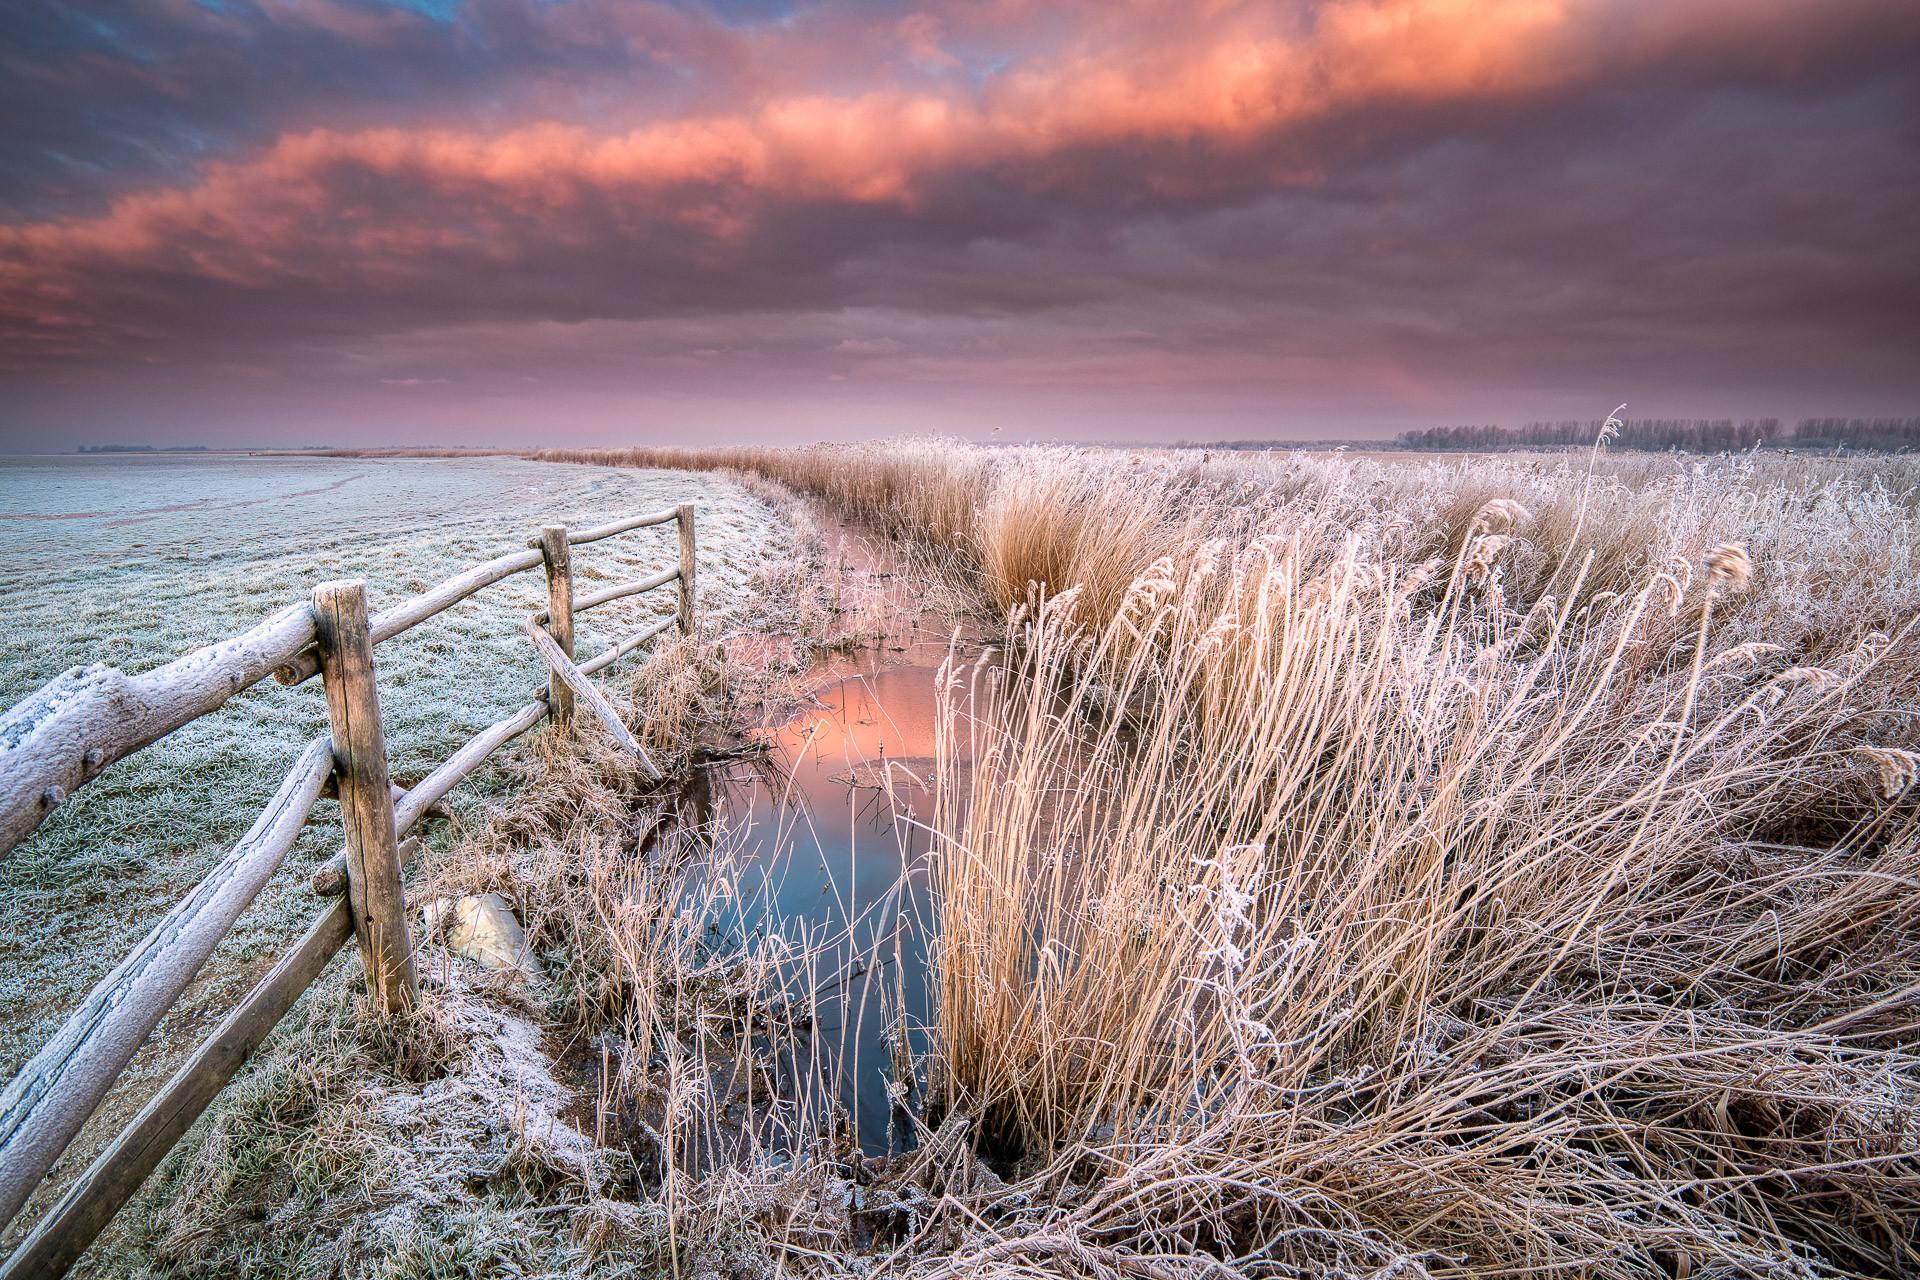 Een winterse zonsopkomst boven het nationaal Park Lauwersmeer in Groningen - Bas Meelker Landschapsfotografie